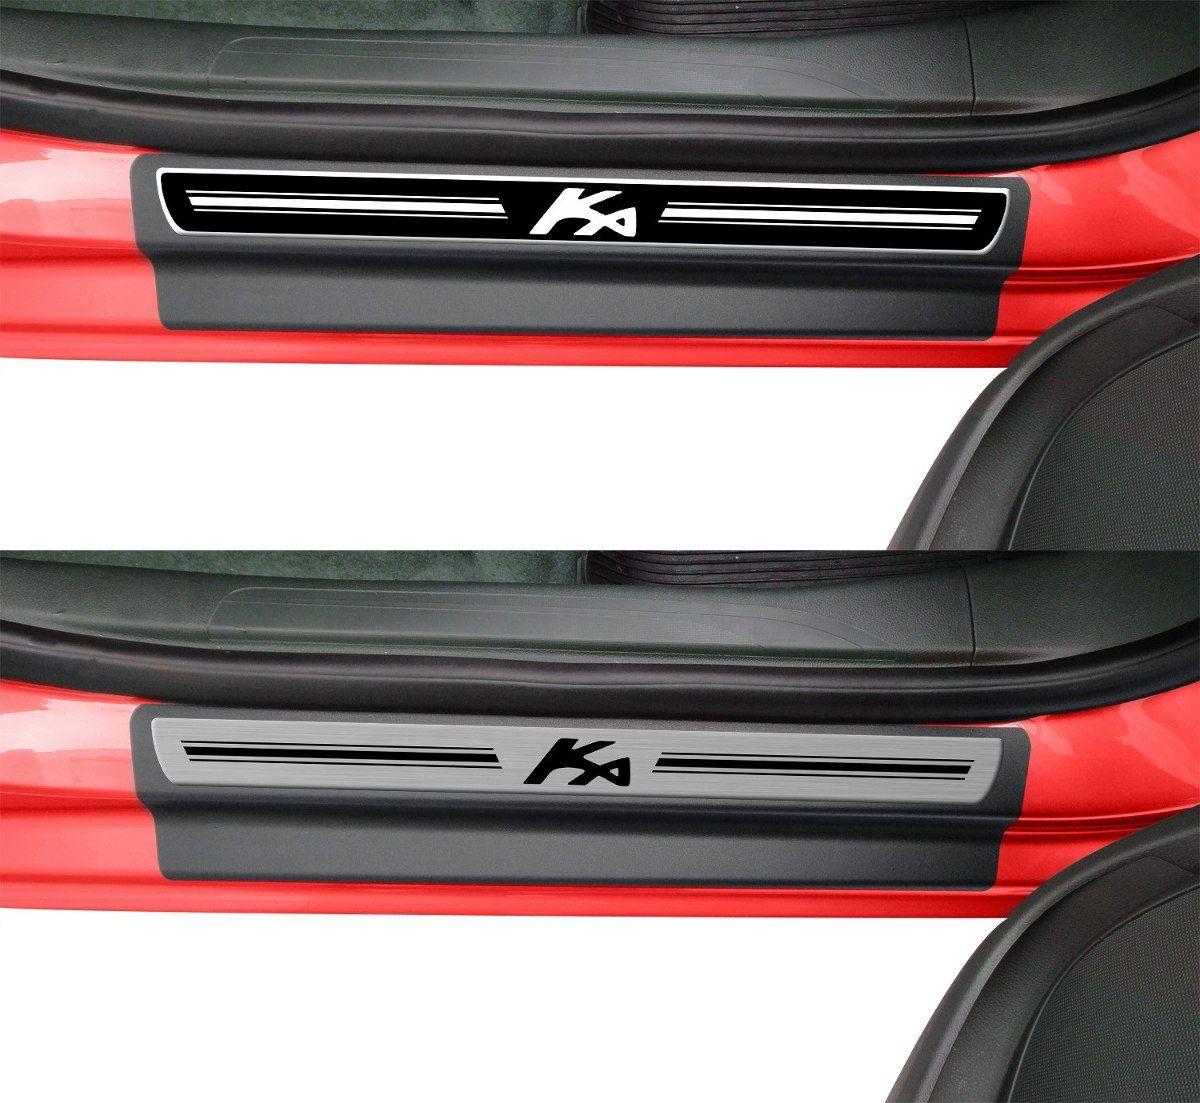 Jogo Soleira Premium Elegance Ford KA 2015 - 2018  - 4 Portas - Vinil + Resinada 8 Peças